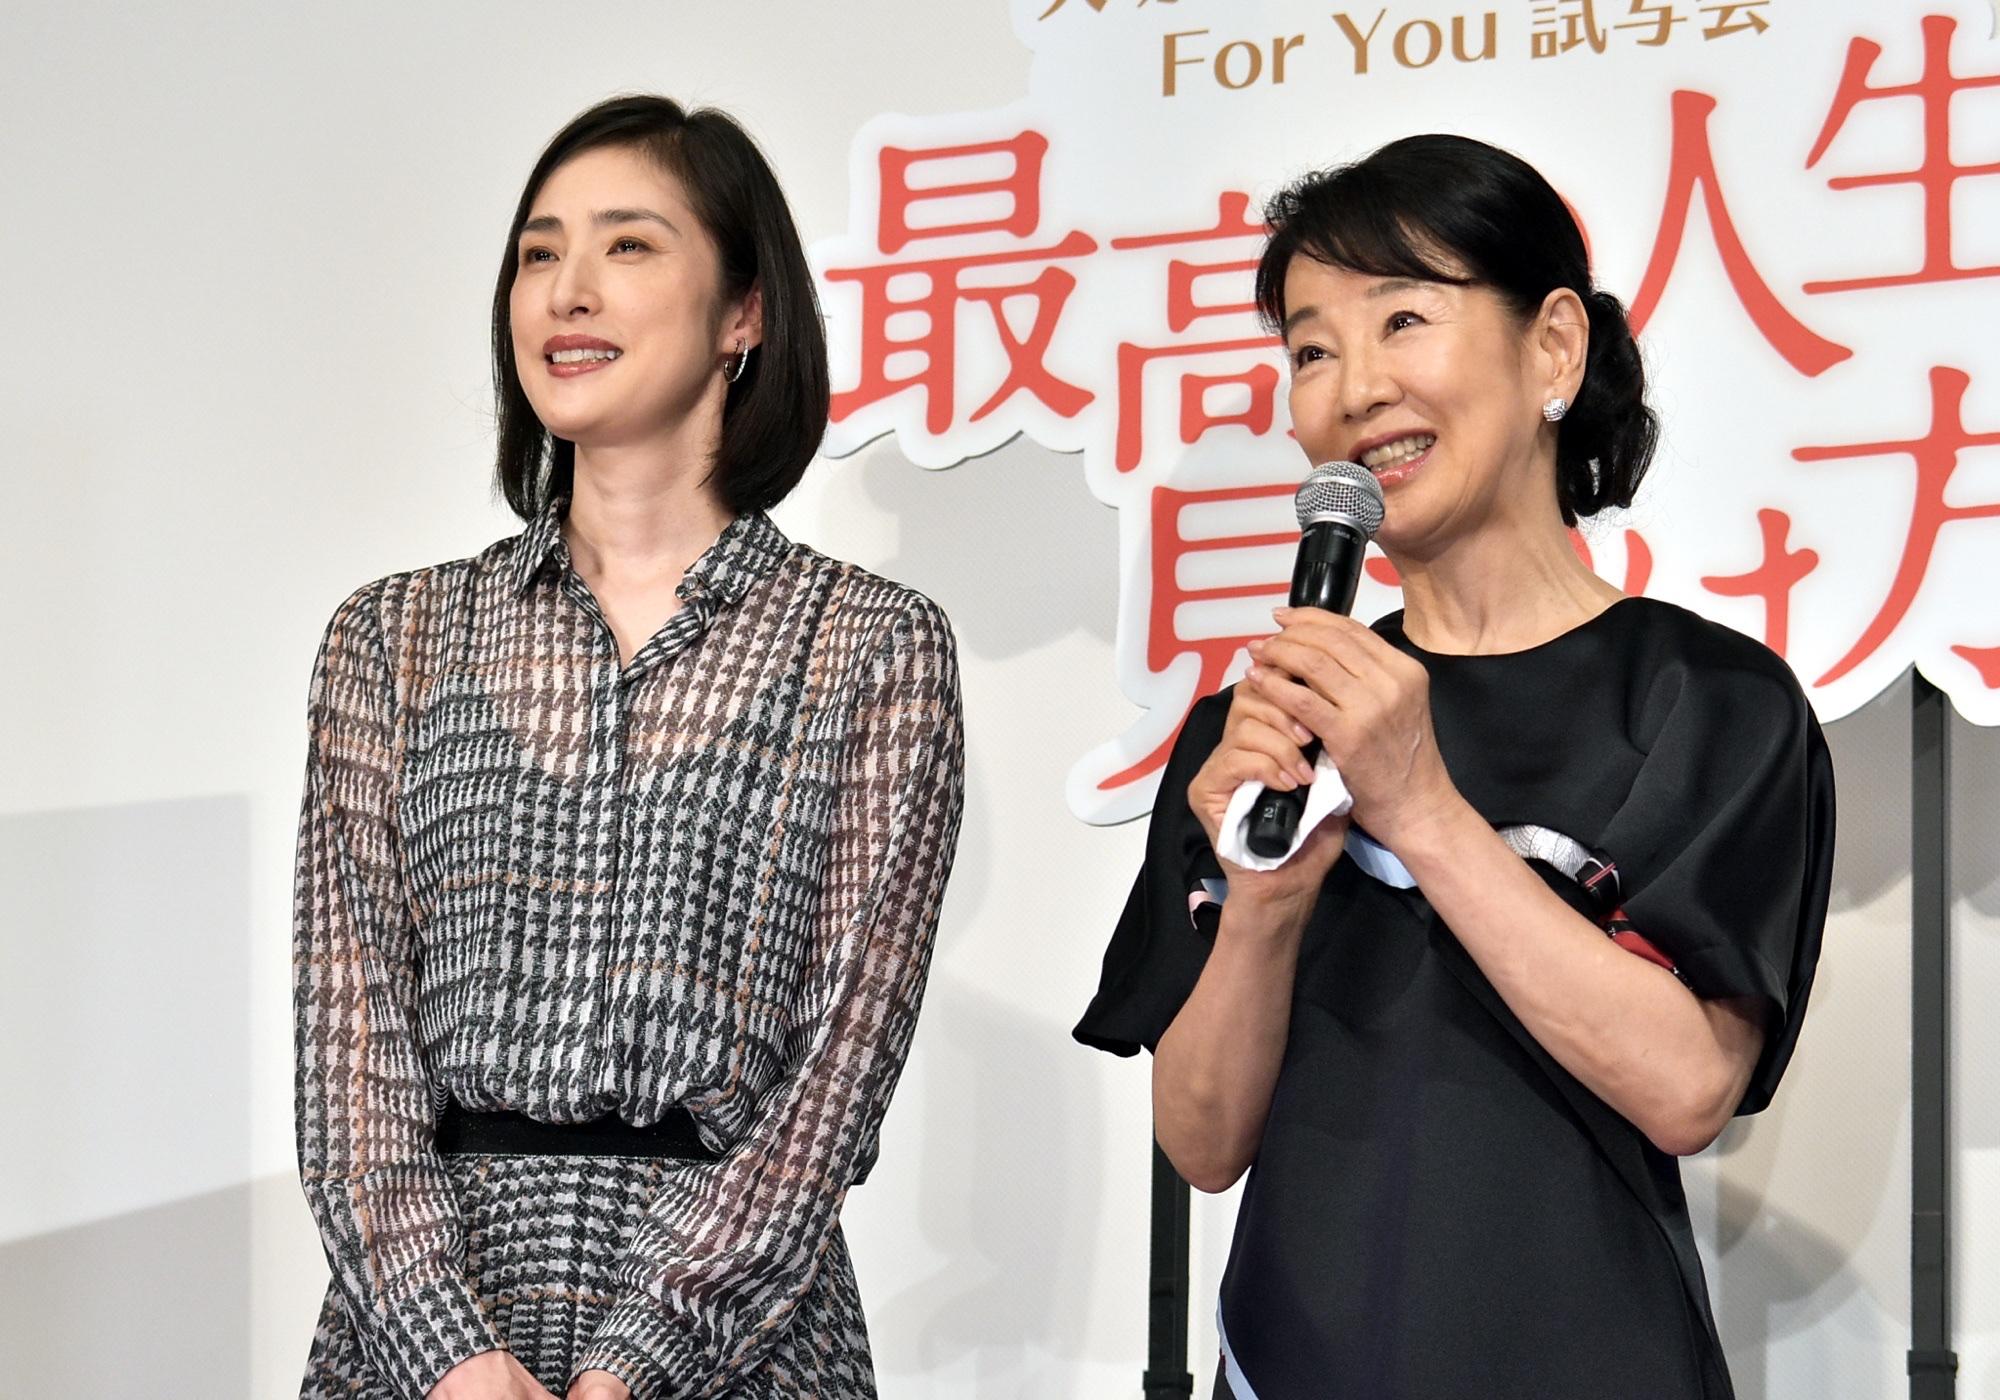 吉永 小百合 と 天海 祐希 映画